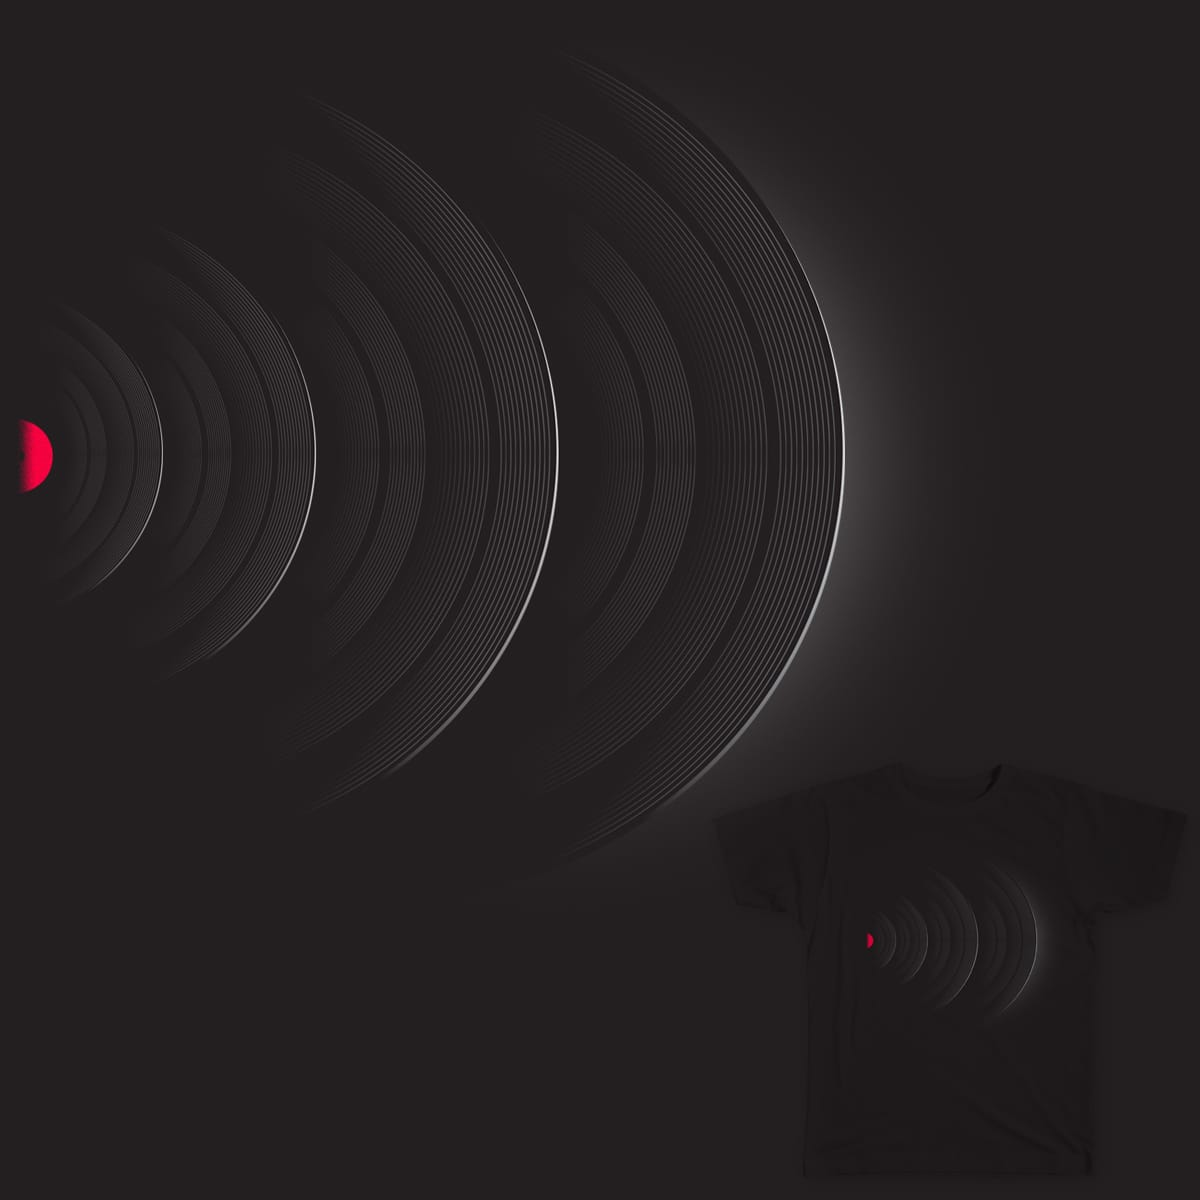 Vinyl waves by deepsyner on Threadless